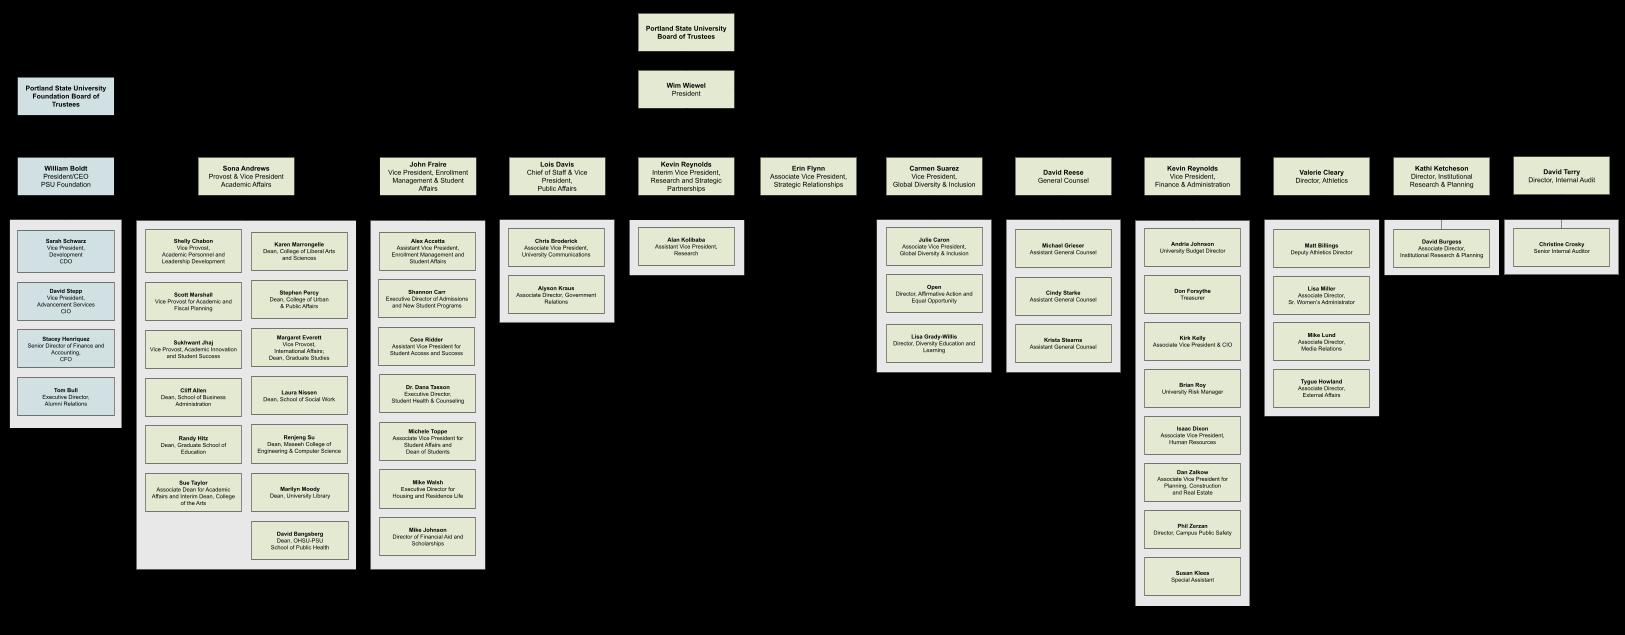 Portland State University Organizational Chart